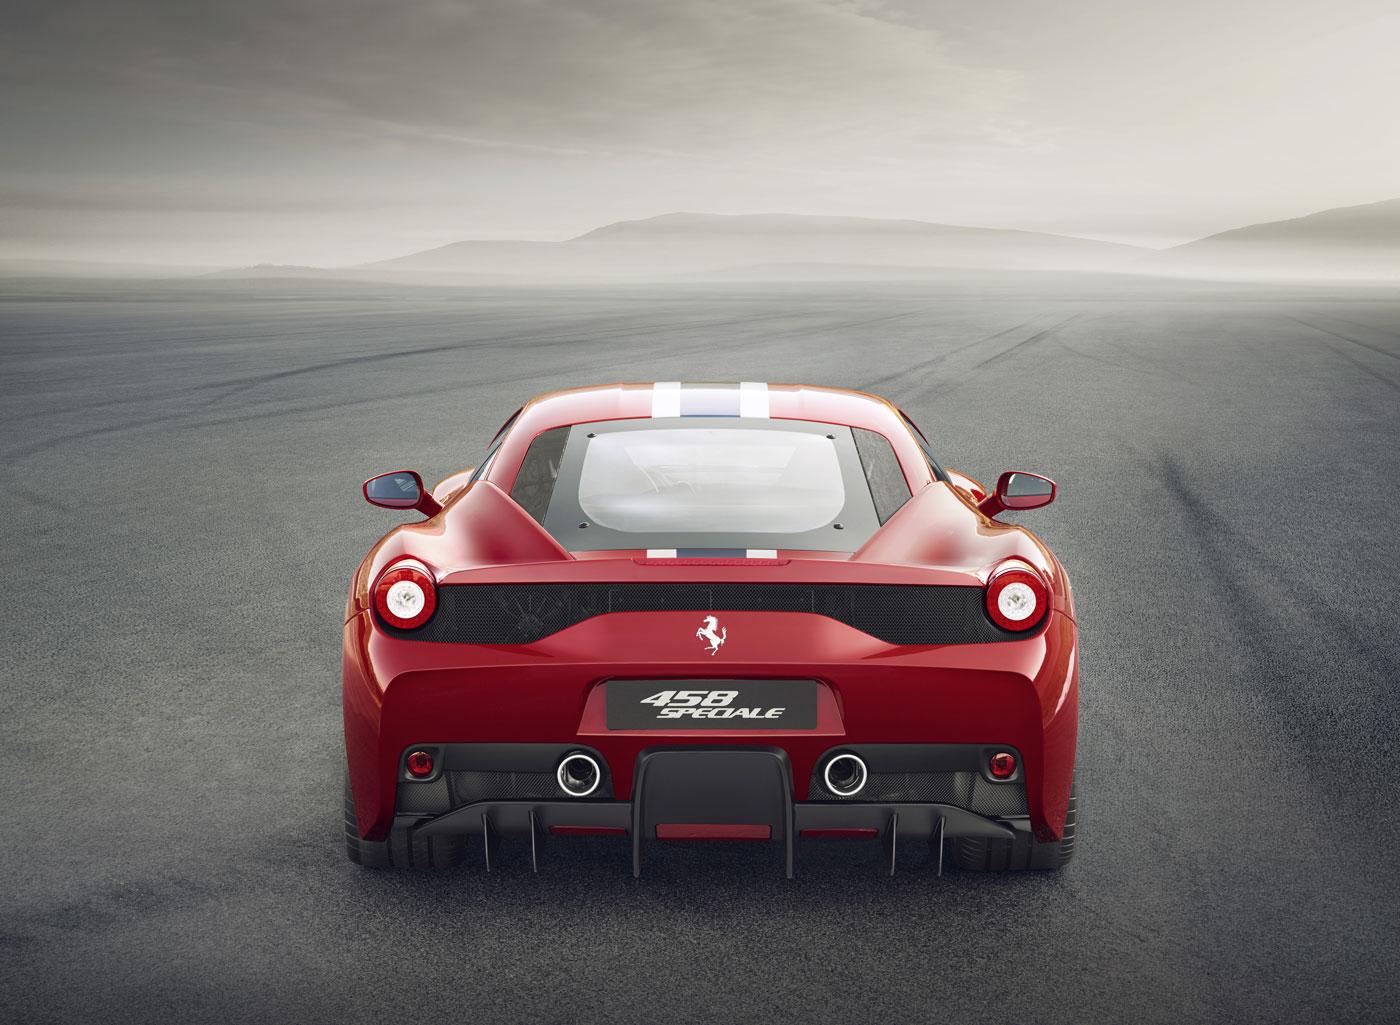 130802_FerrariRetroPoster